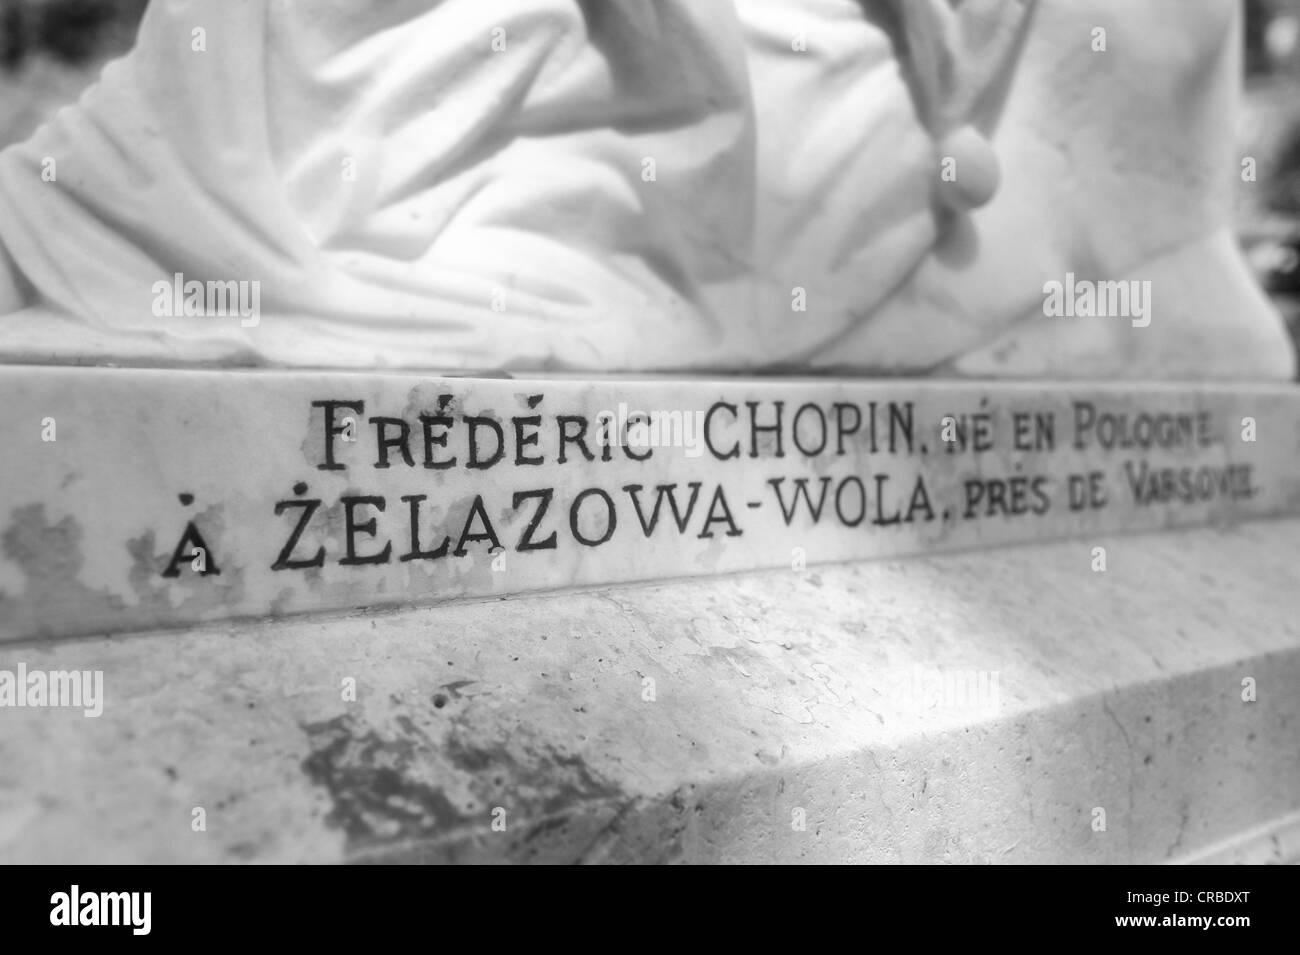 Inscription on the grave of Frédéric Chopin, Cimetière du Père Lachaise Cemetery, Paris, France, - Stock Image